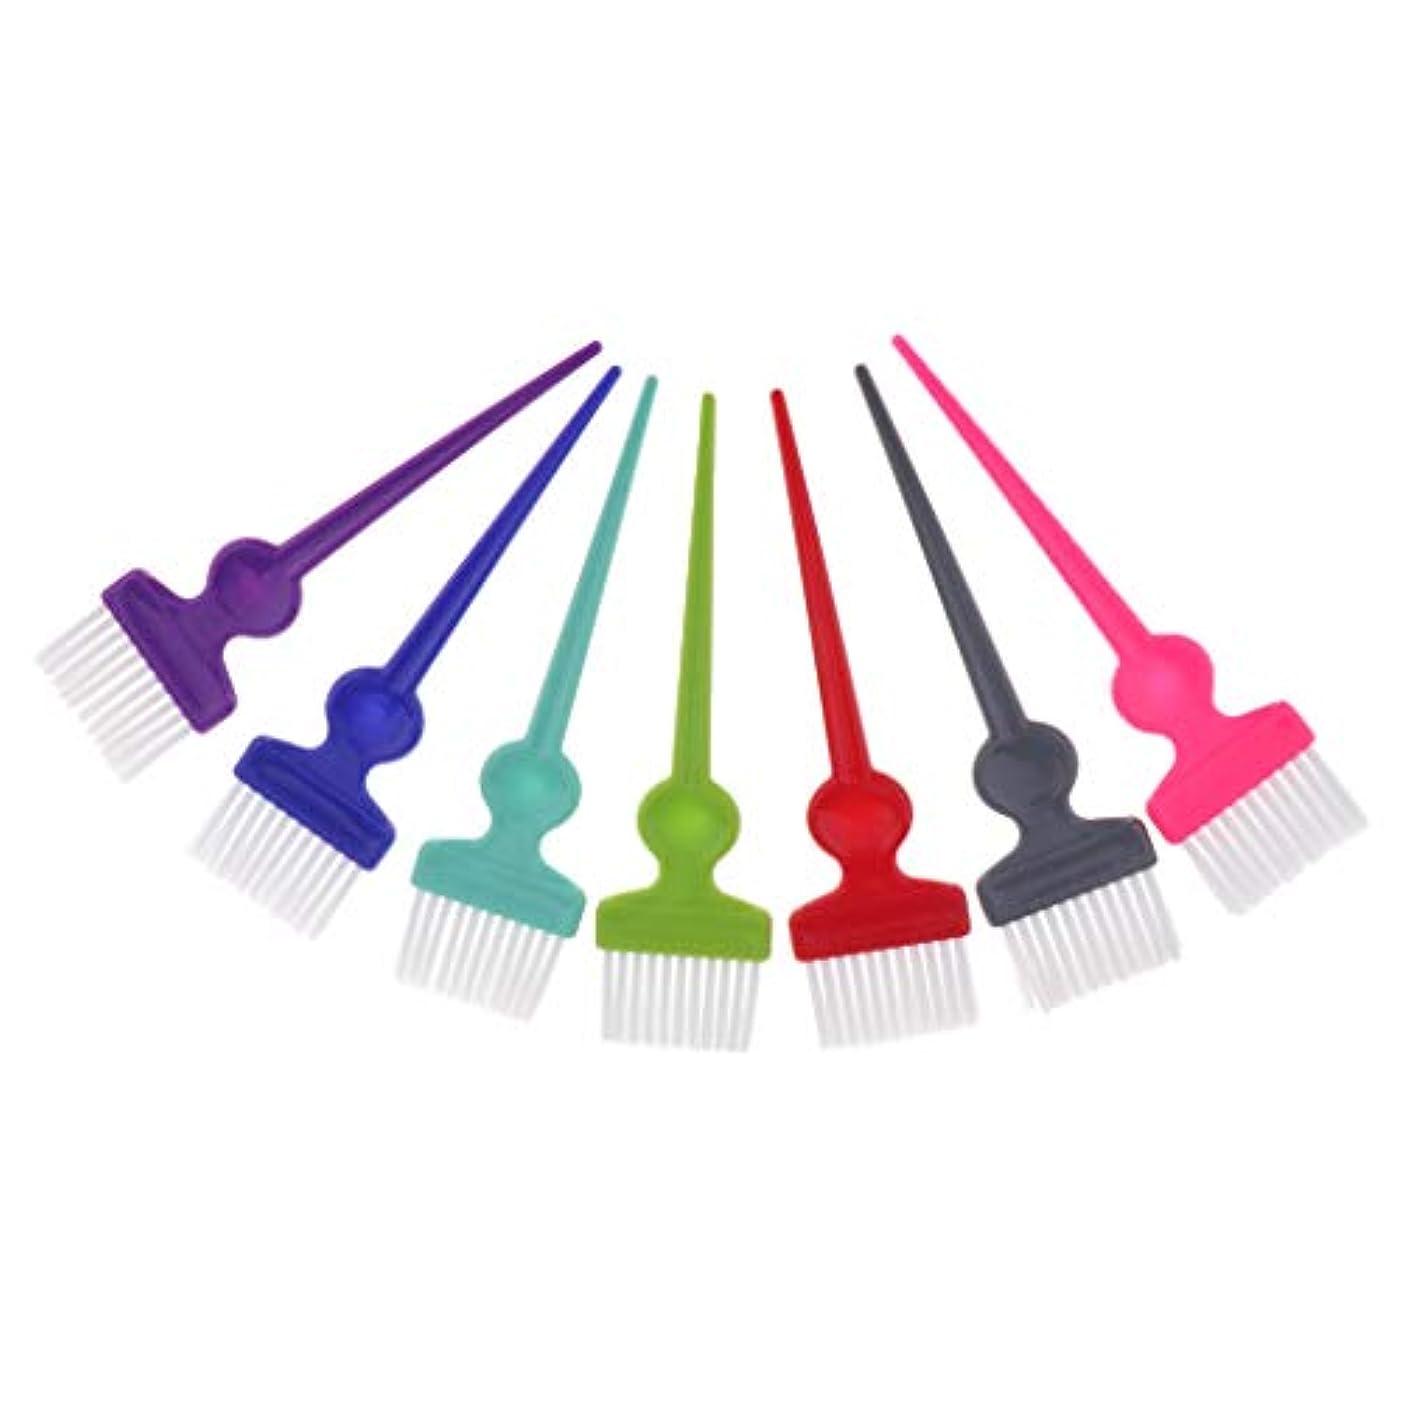 ヘアダイブラシ ヘアカラーブラシ 染毛ブラシ サロン 理容 理髪 髪着色ツール カラフル 7本セット